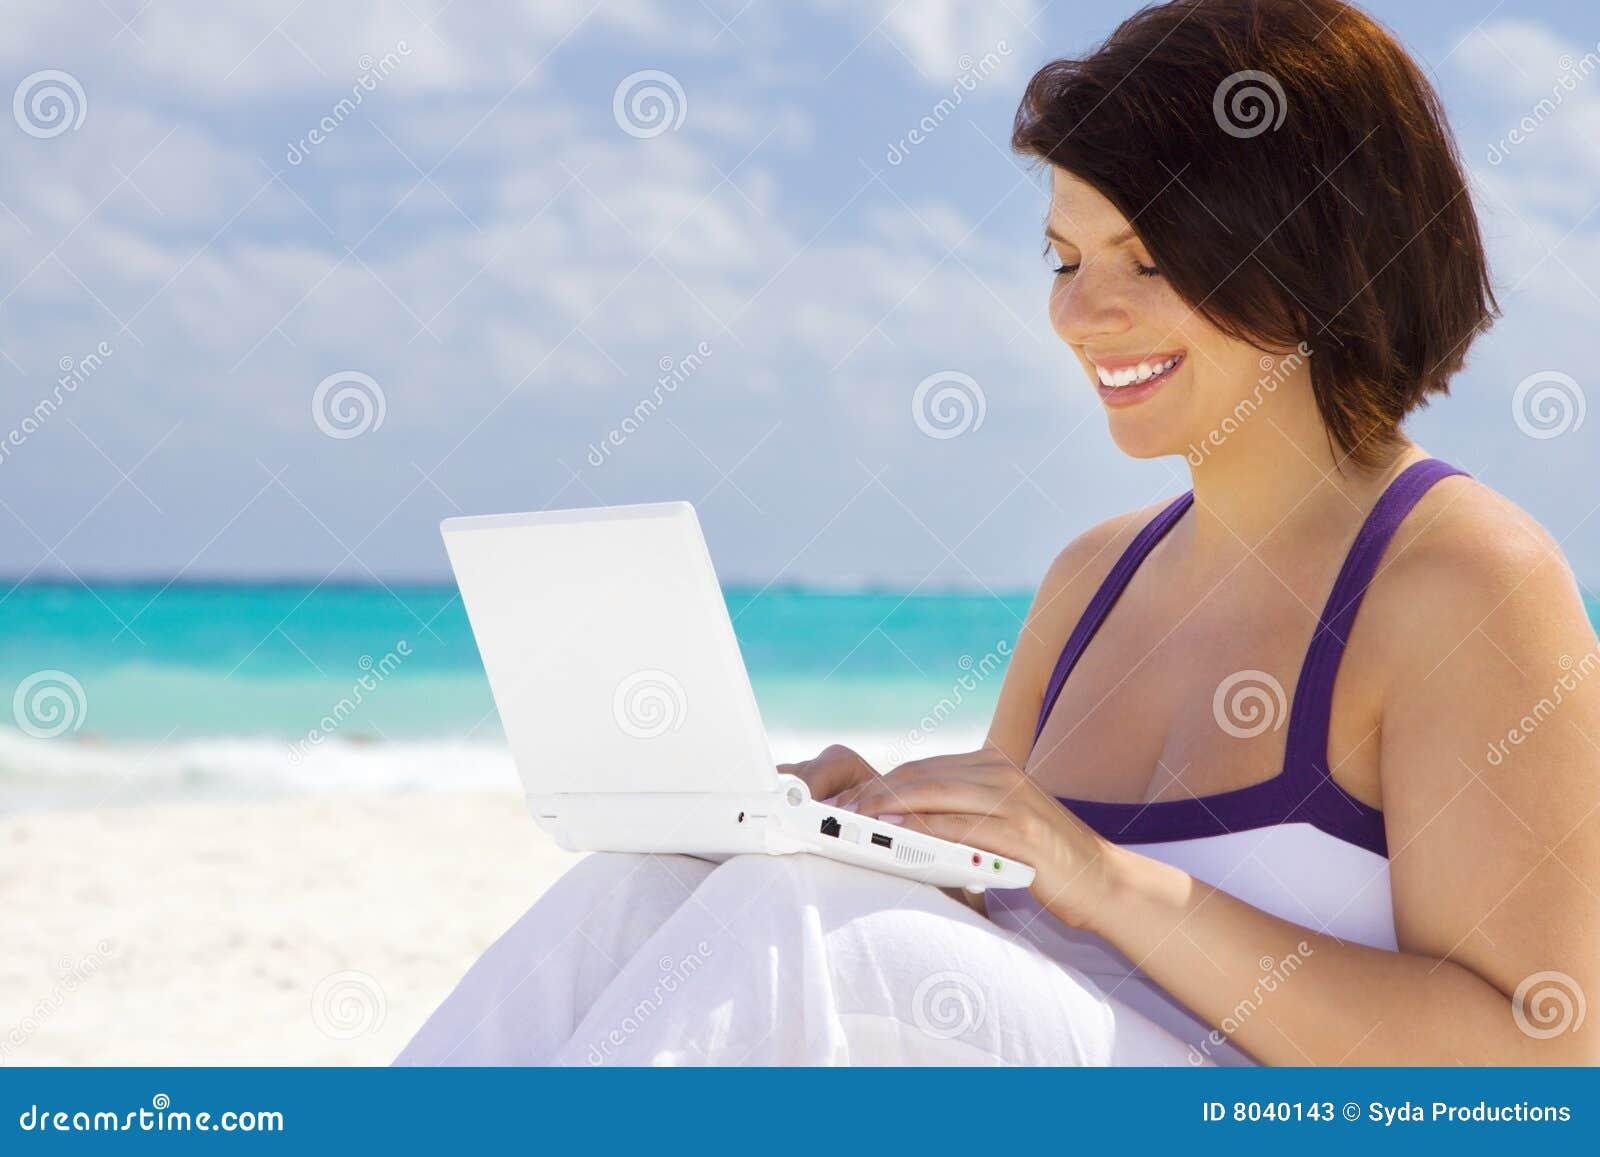 Frau mit Laptop-Computer auf dem Strand